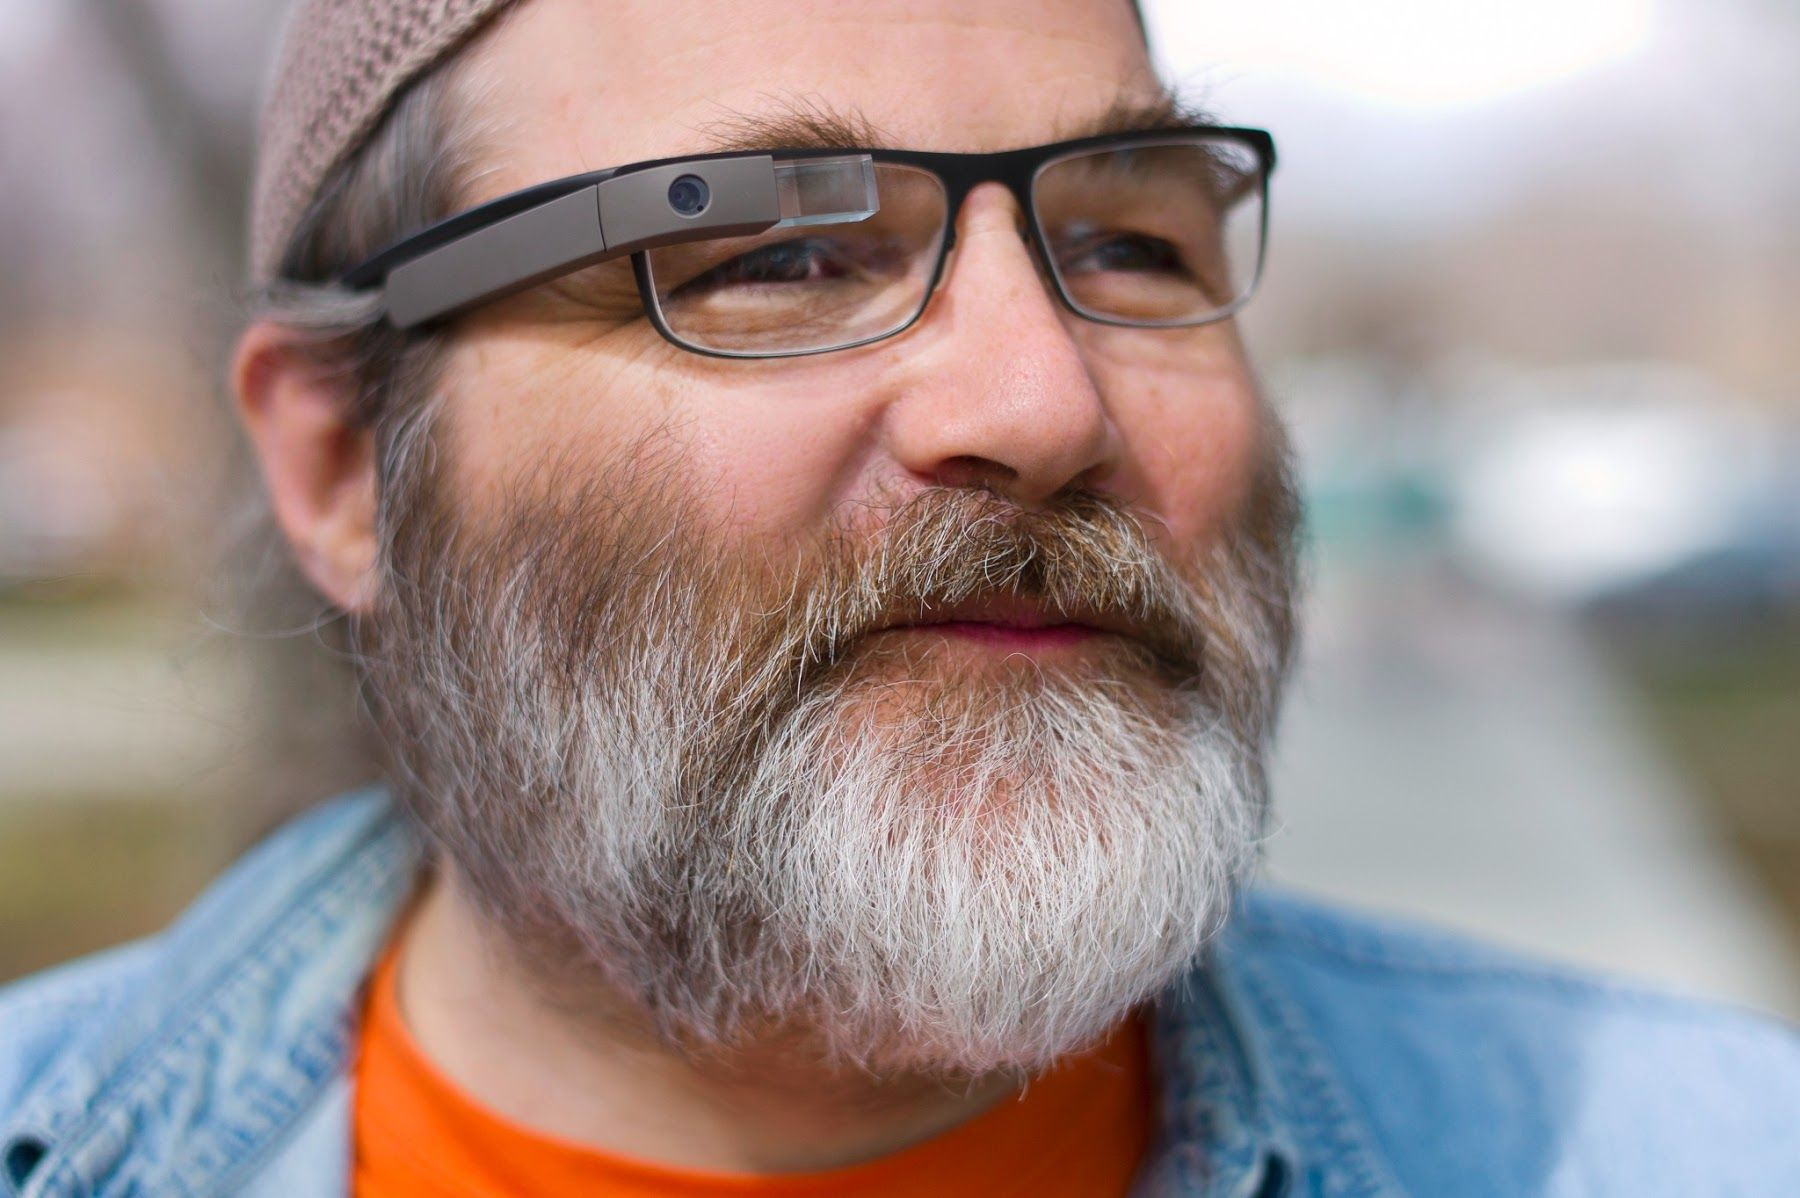 Greg Priest-Dorman i Google Glass-teamet demonstrerer Google Glass for de som trenger briller med styrke..Foto: Google